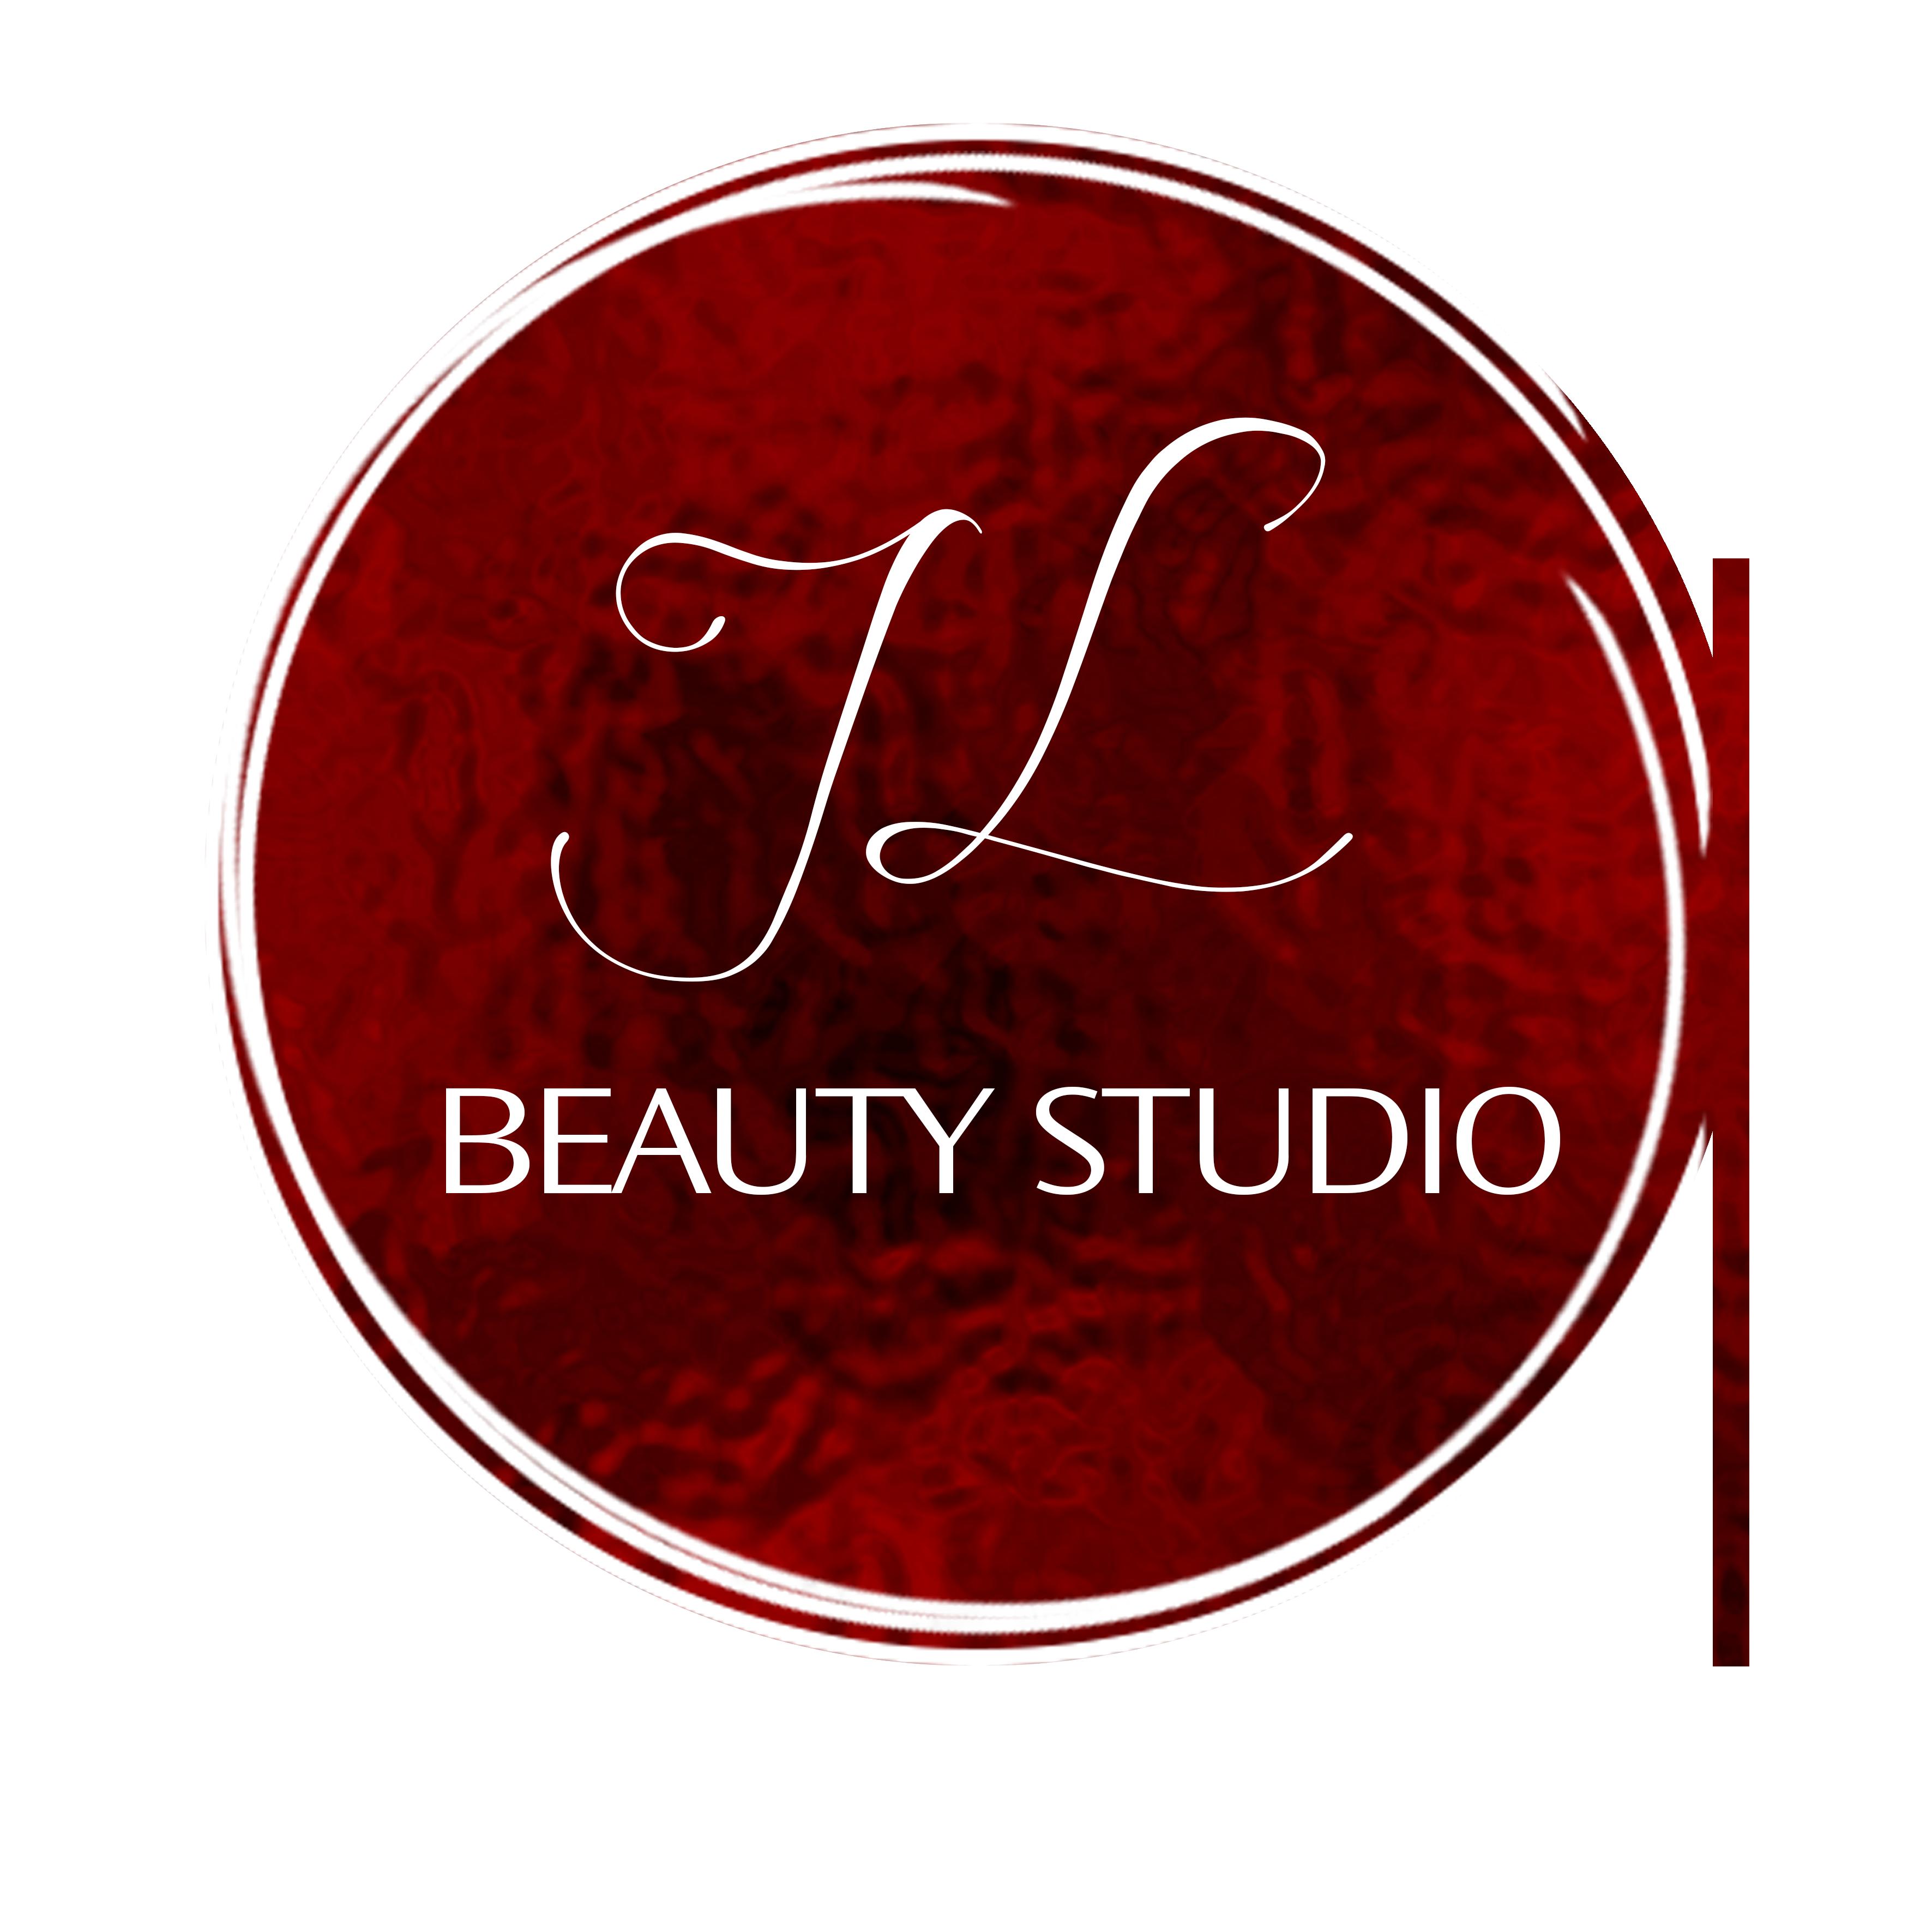 jl beauty logo irpr